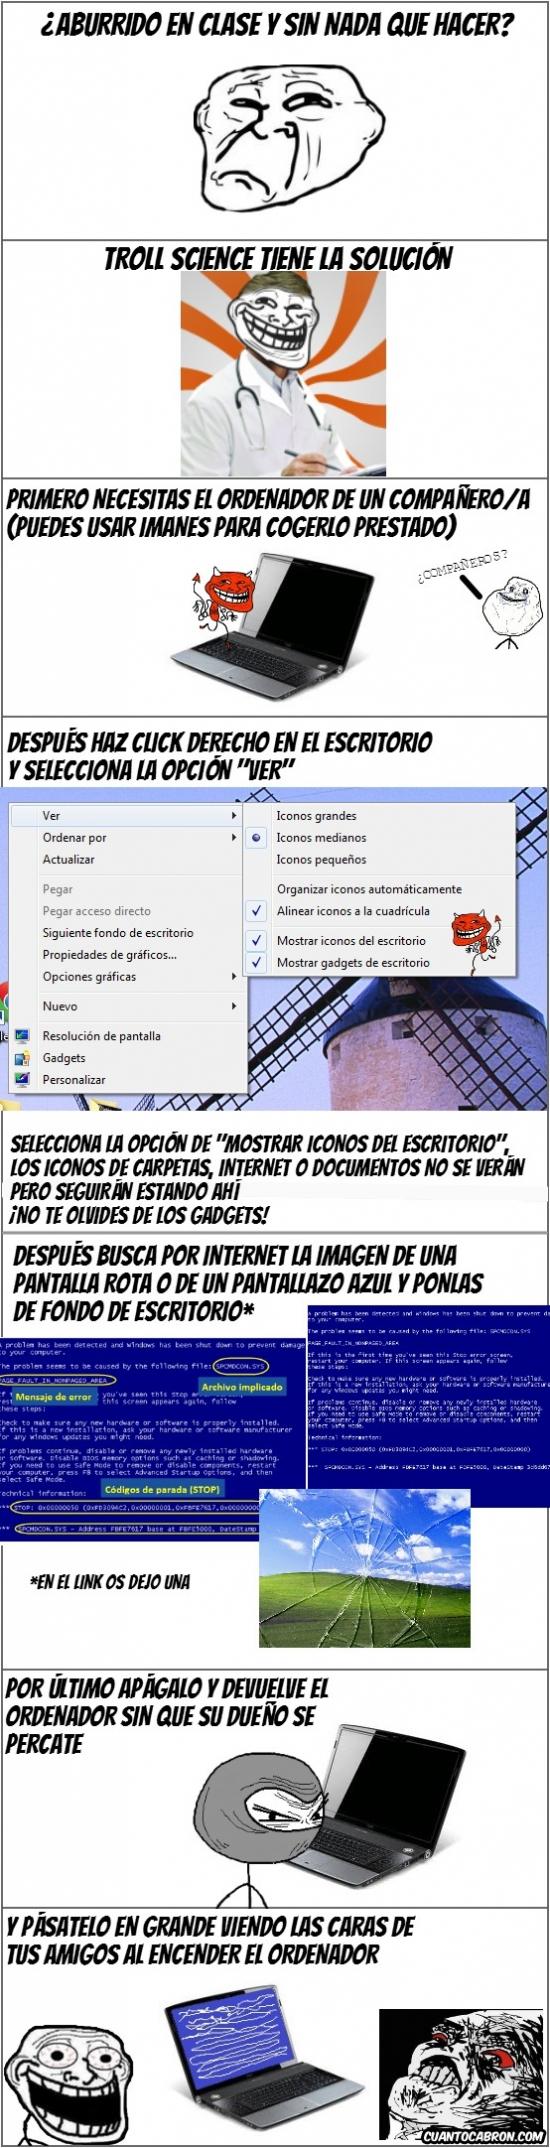 Trollface - Trollscience y el truco del pantallazo azul de Windows